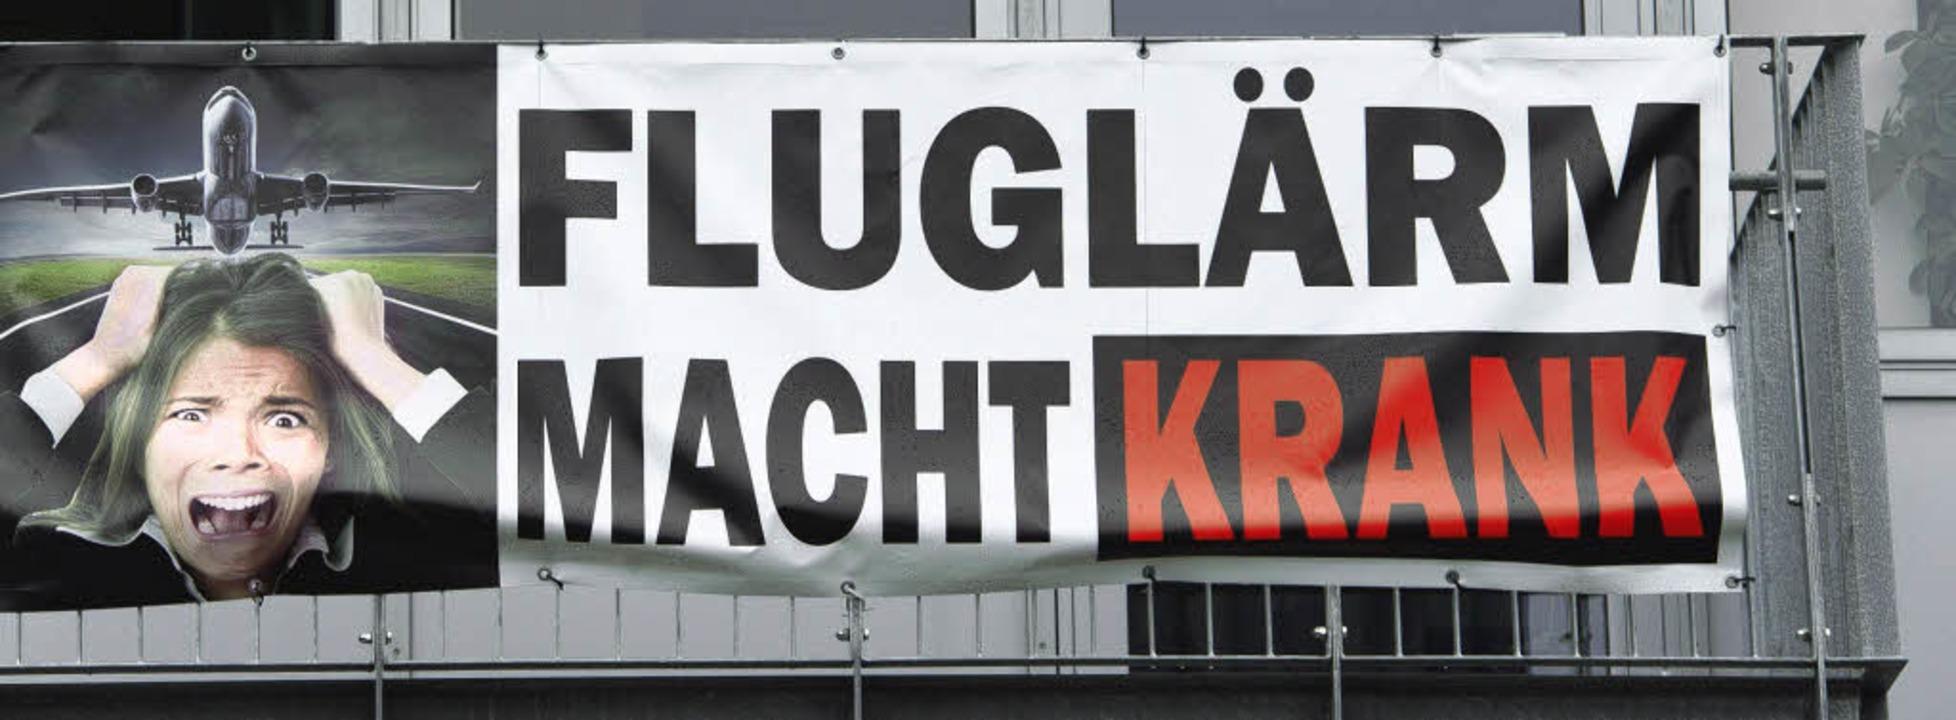 Protest gegen Fluglärm: Dieses Schild ...tzt wird auch am Hochrhein mobilisiert    Foto: DPA/SIEBOLD/Model